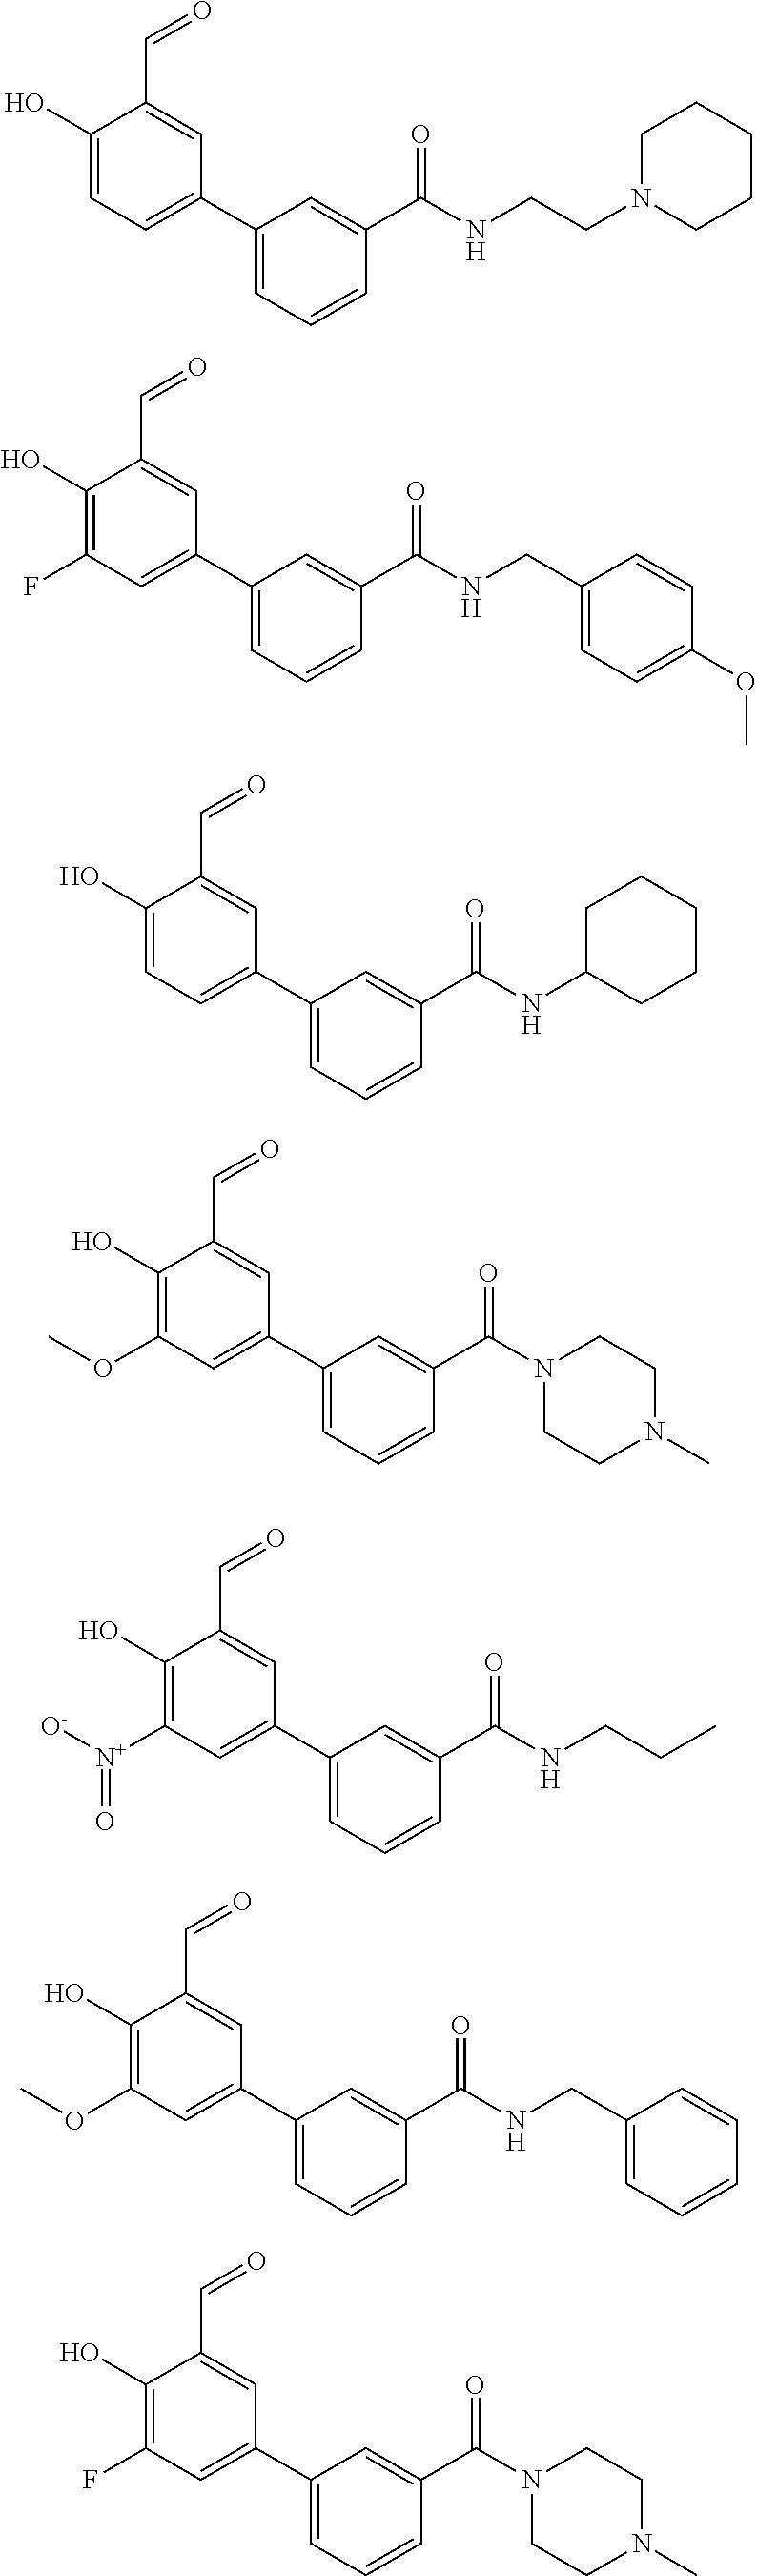 Figure US20110065162A1-20110317-C00117